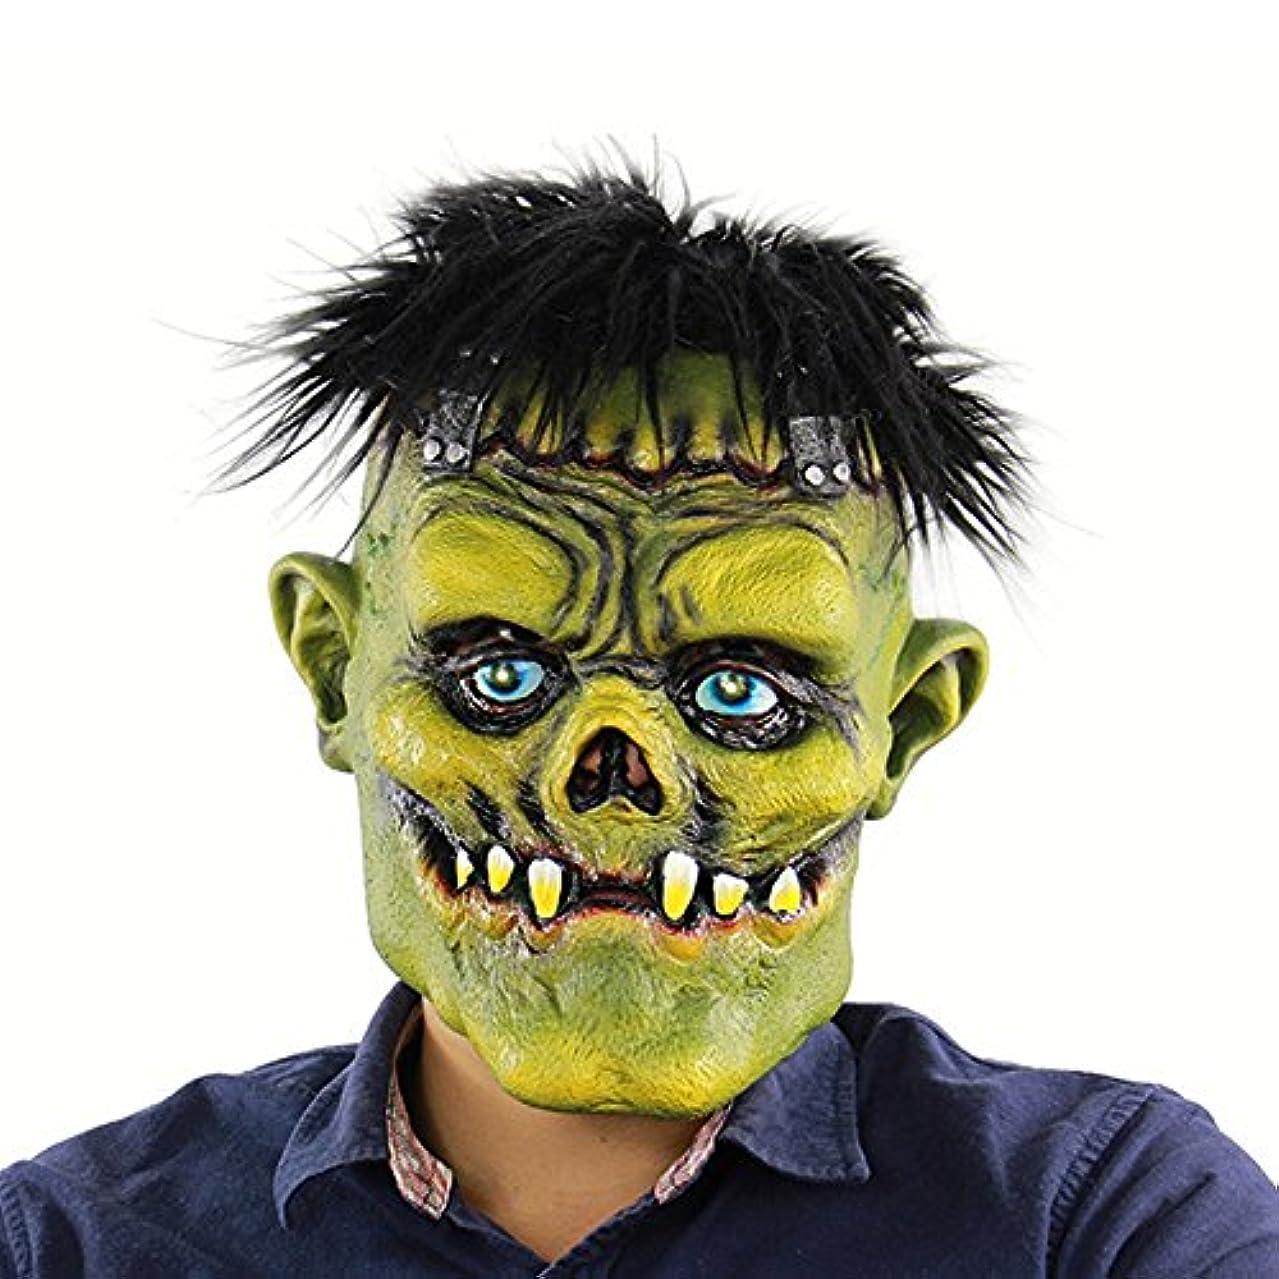 時期尚早発言する民主党怖いブルネットグリーンフェイスモンスターヘッドカバーハロウィンラテックスゴーストマスク